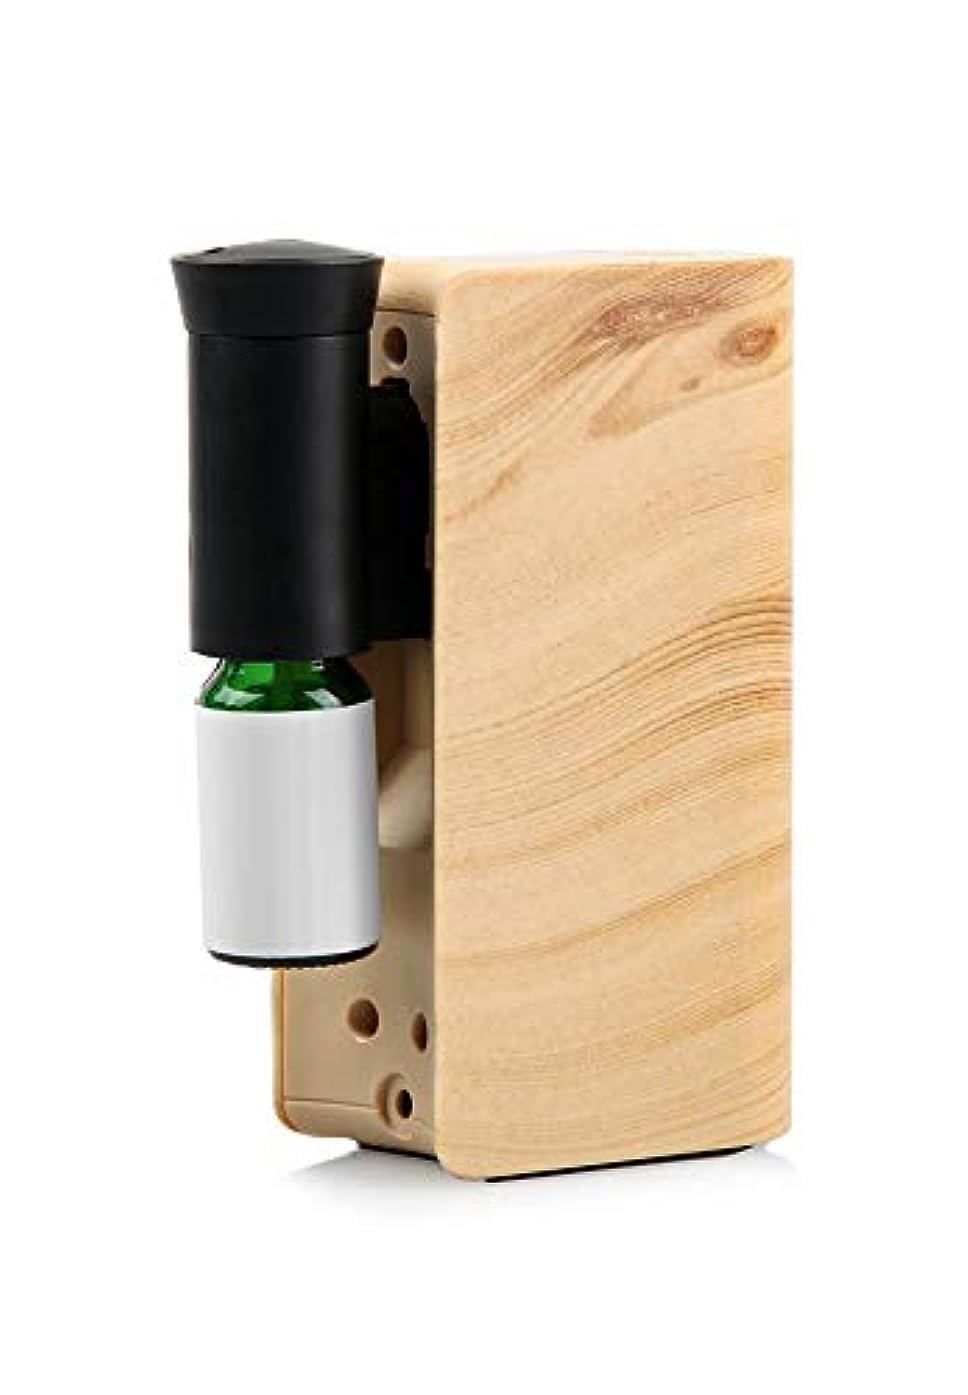 近代化する潜在的なアナログREPRI Walking Aroma アロマディフューザー Wood